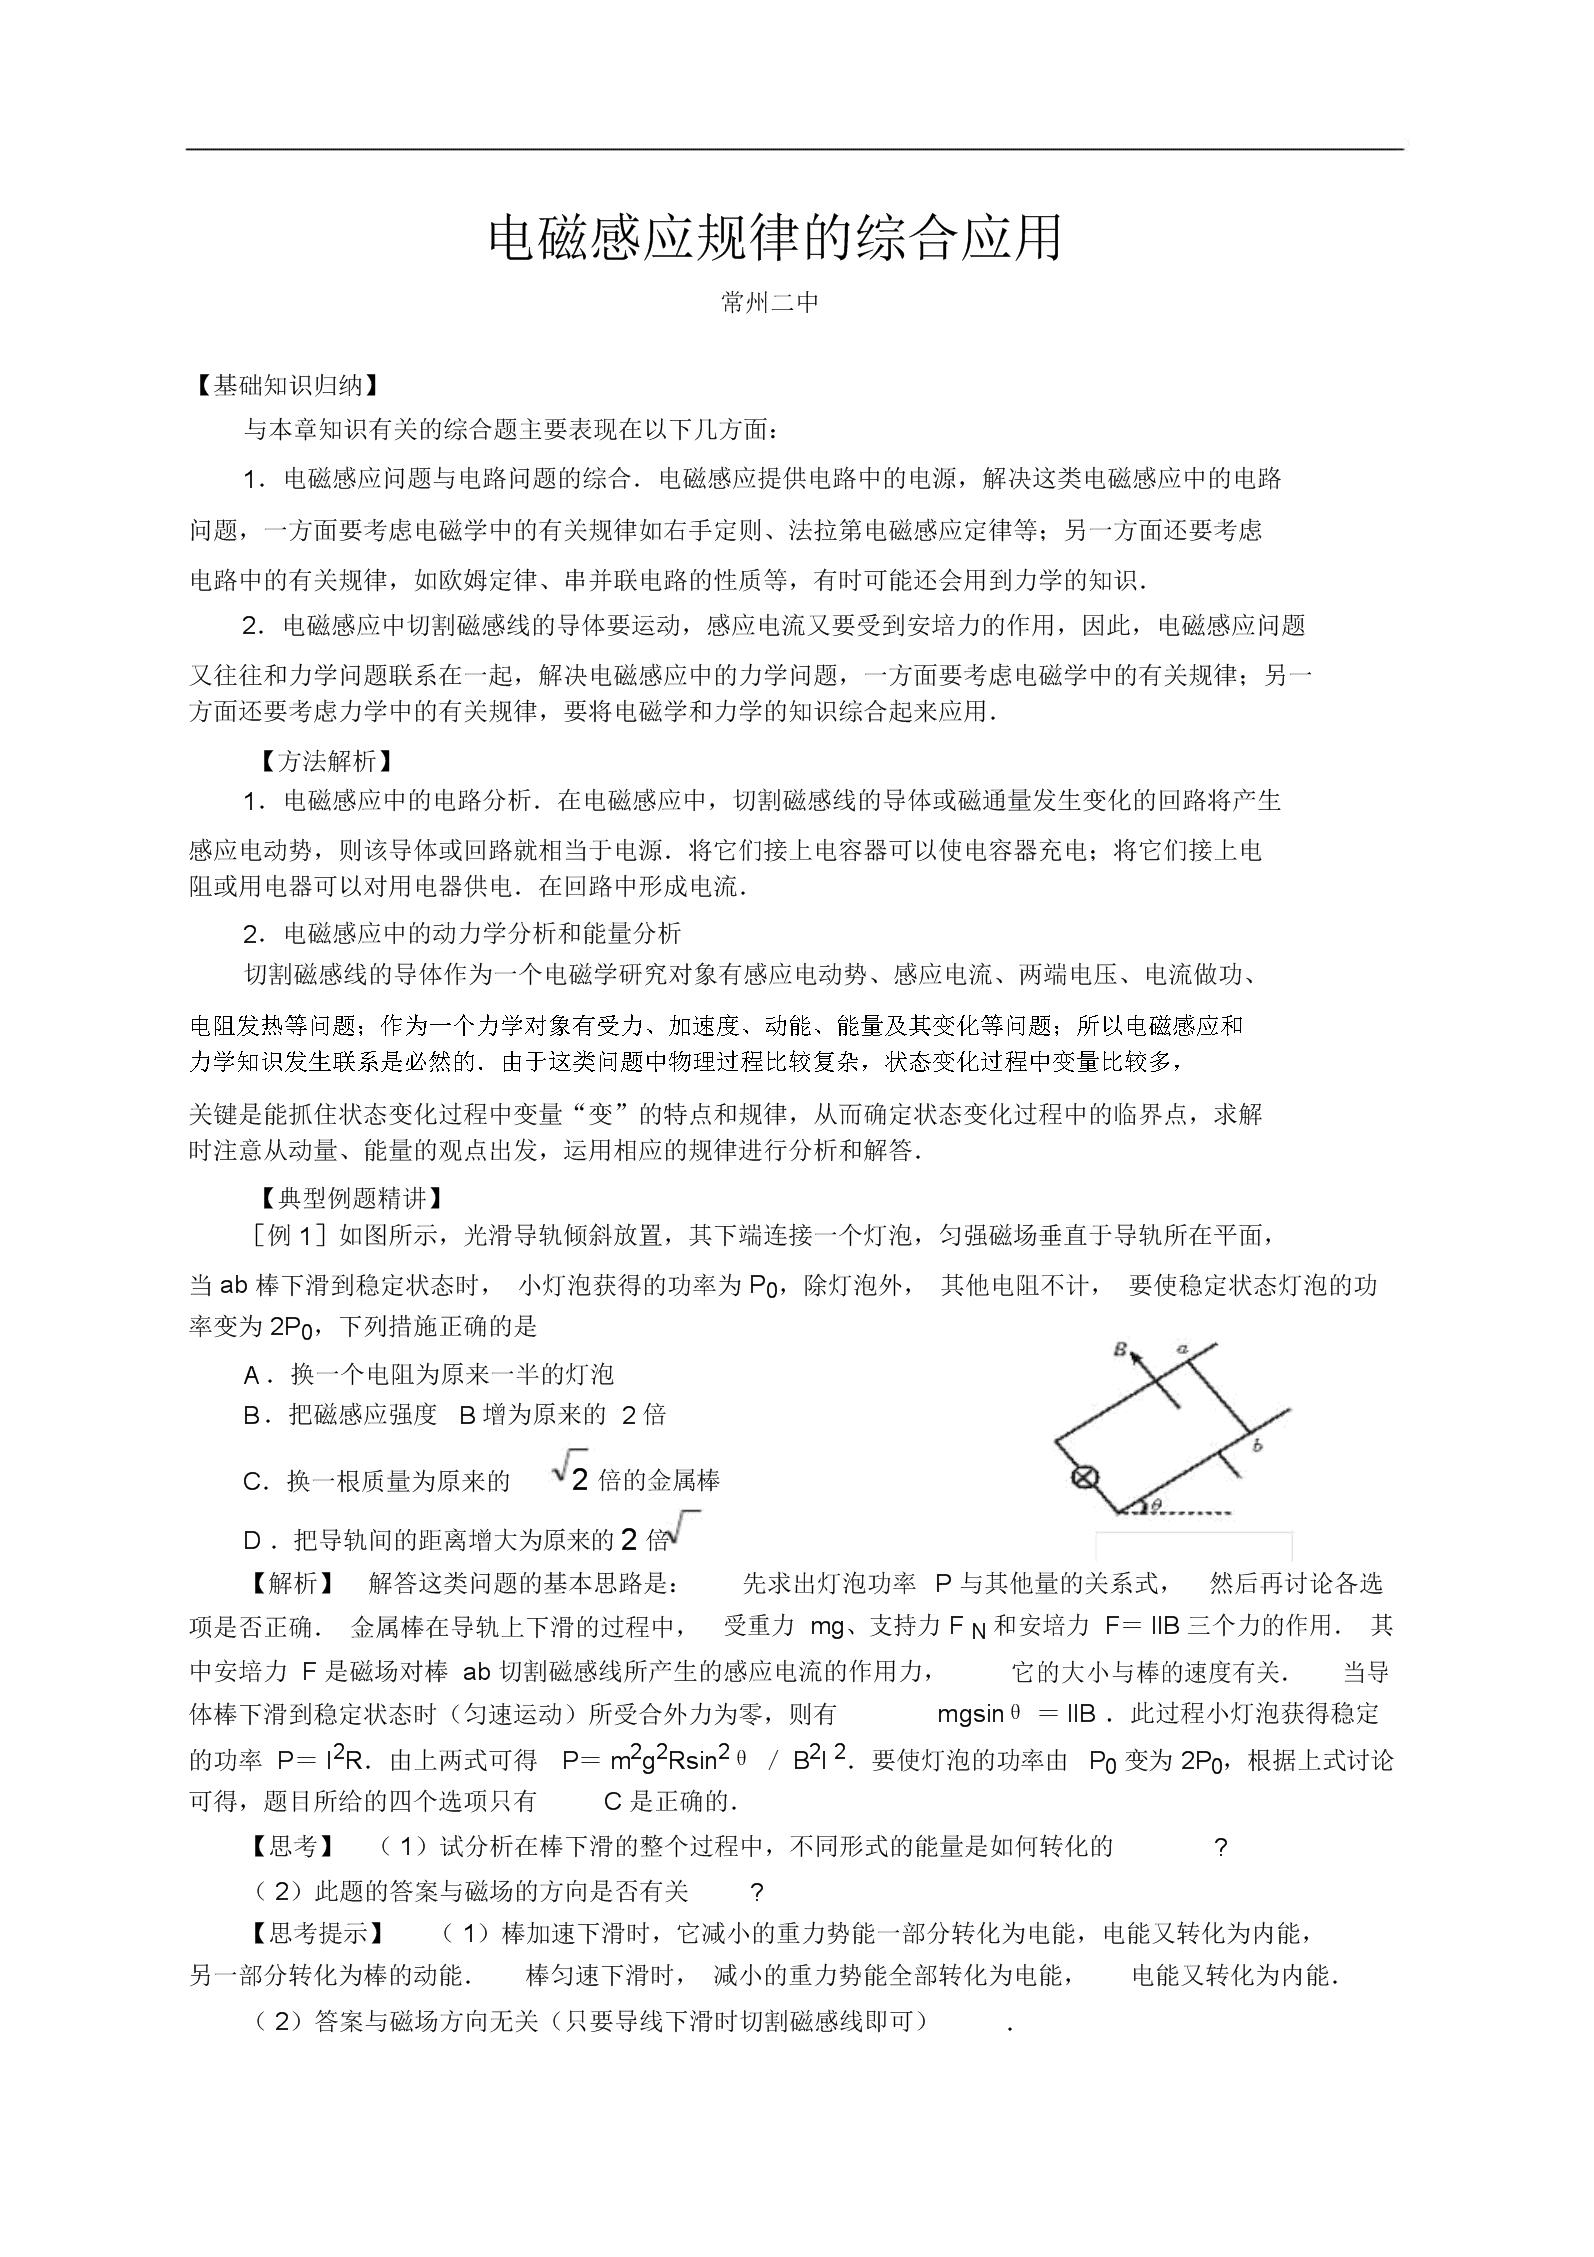 高二物理专题练习-电磁感应规律的综合应用(含例题解答).docx